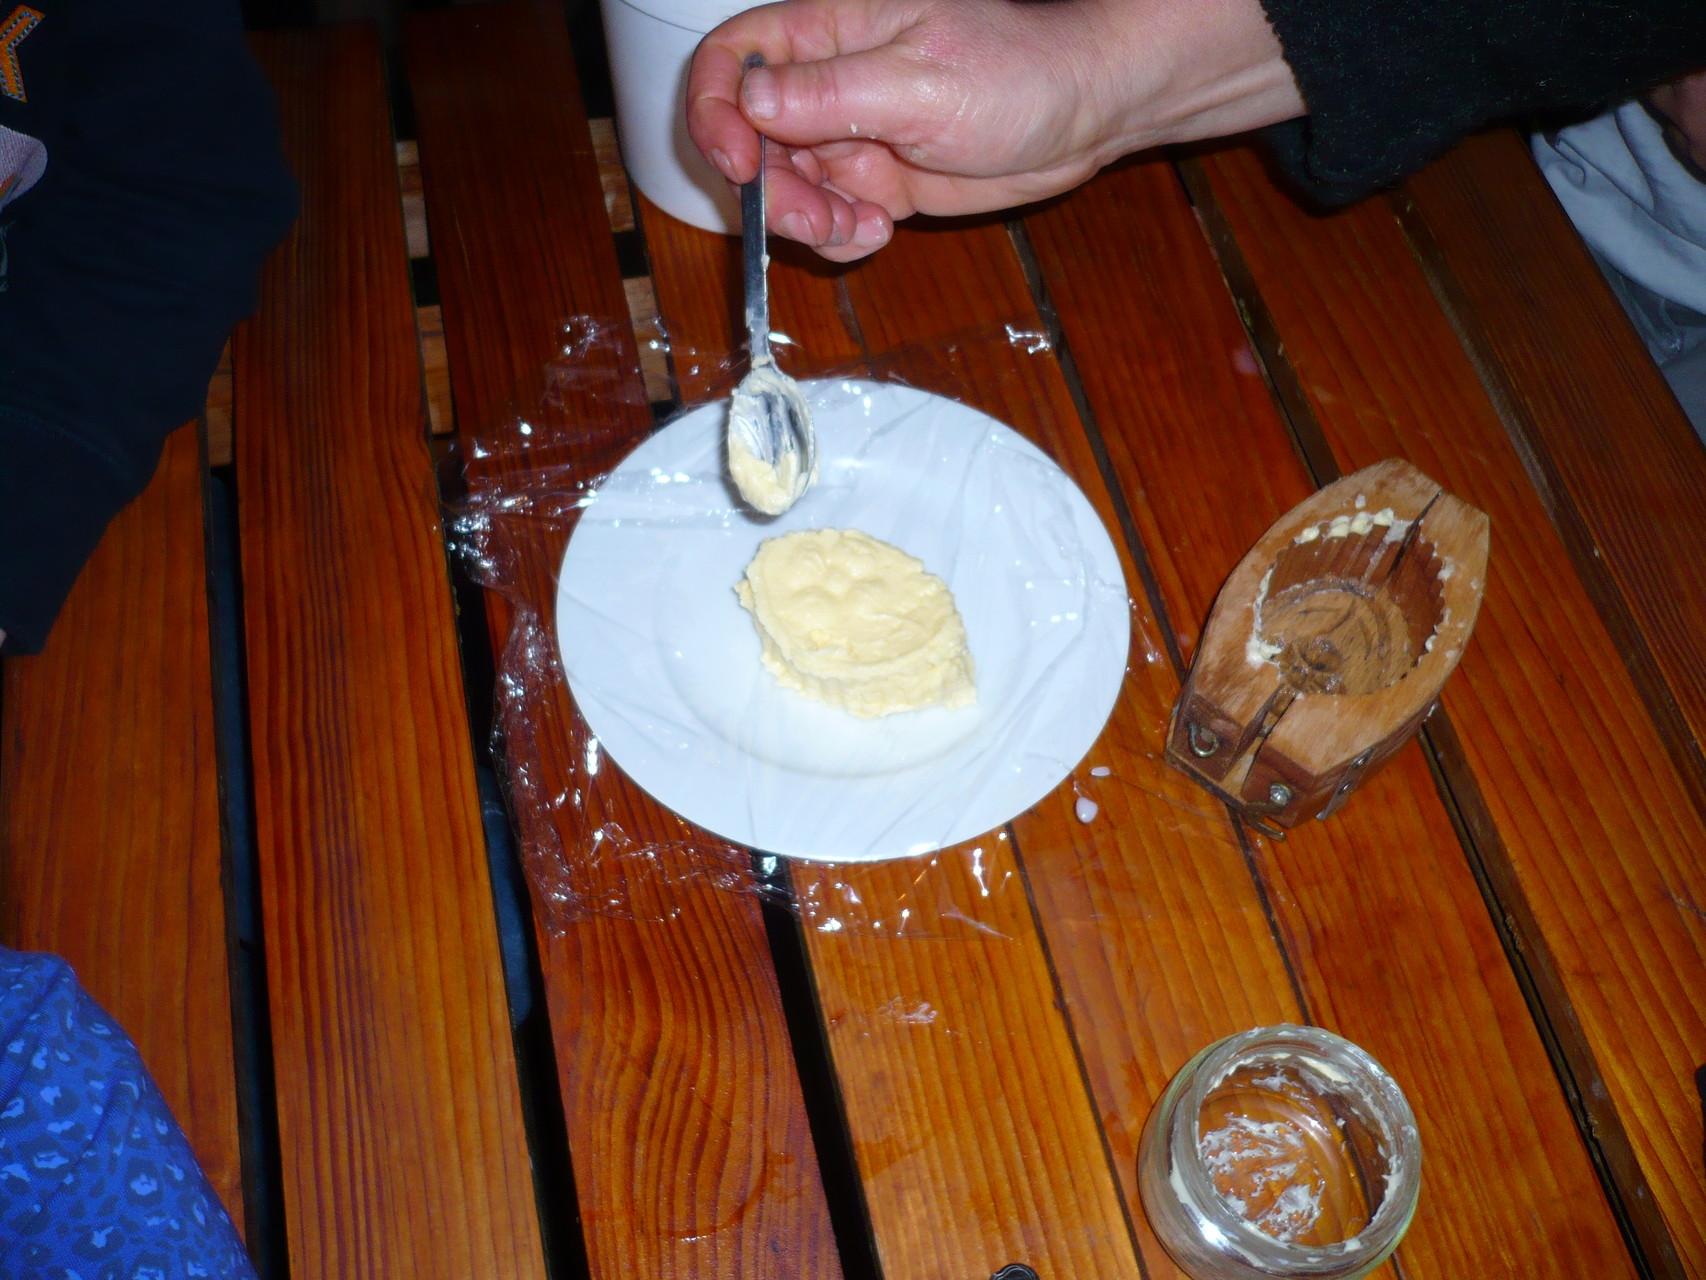 Et on obtient une motte de beurre fait maison © UNAT Centre